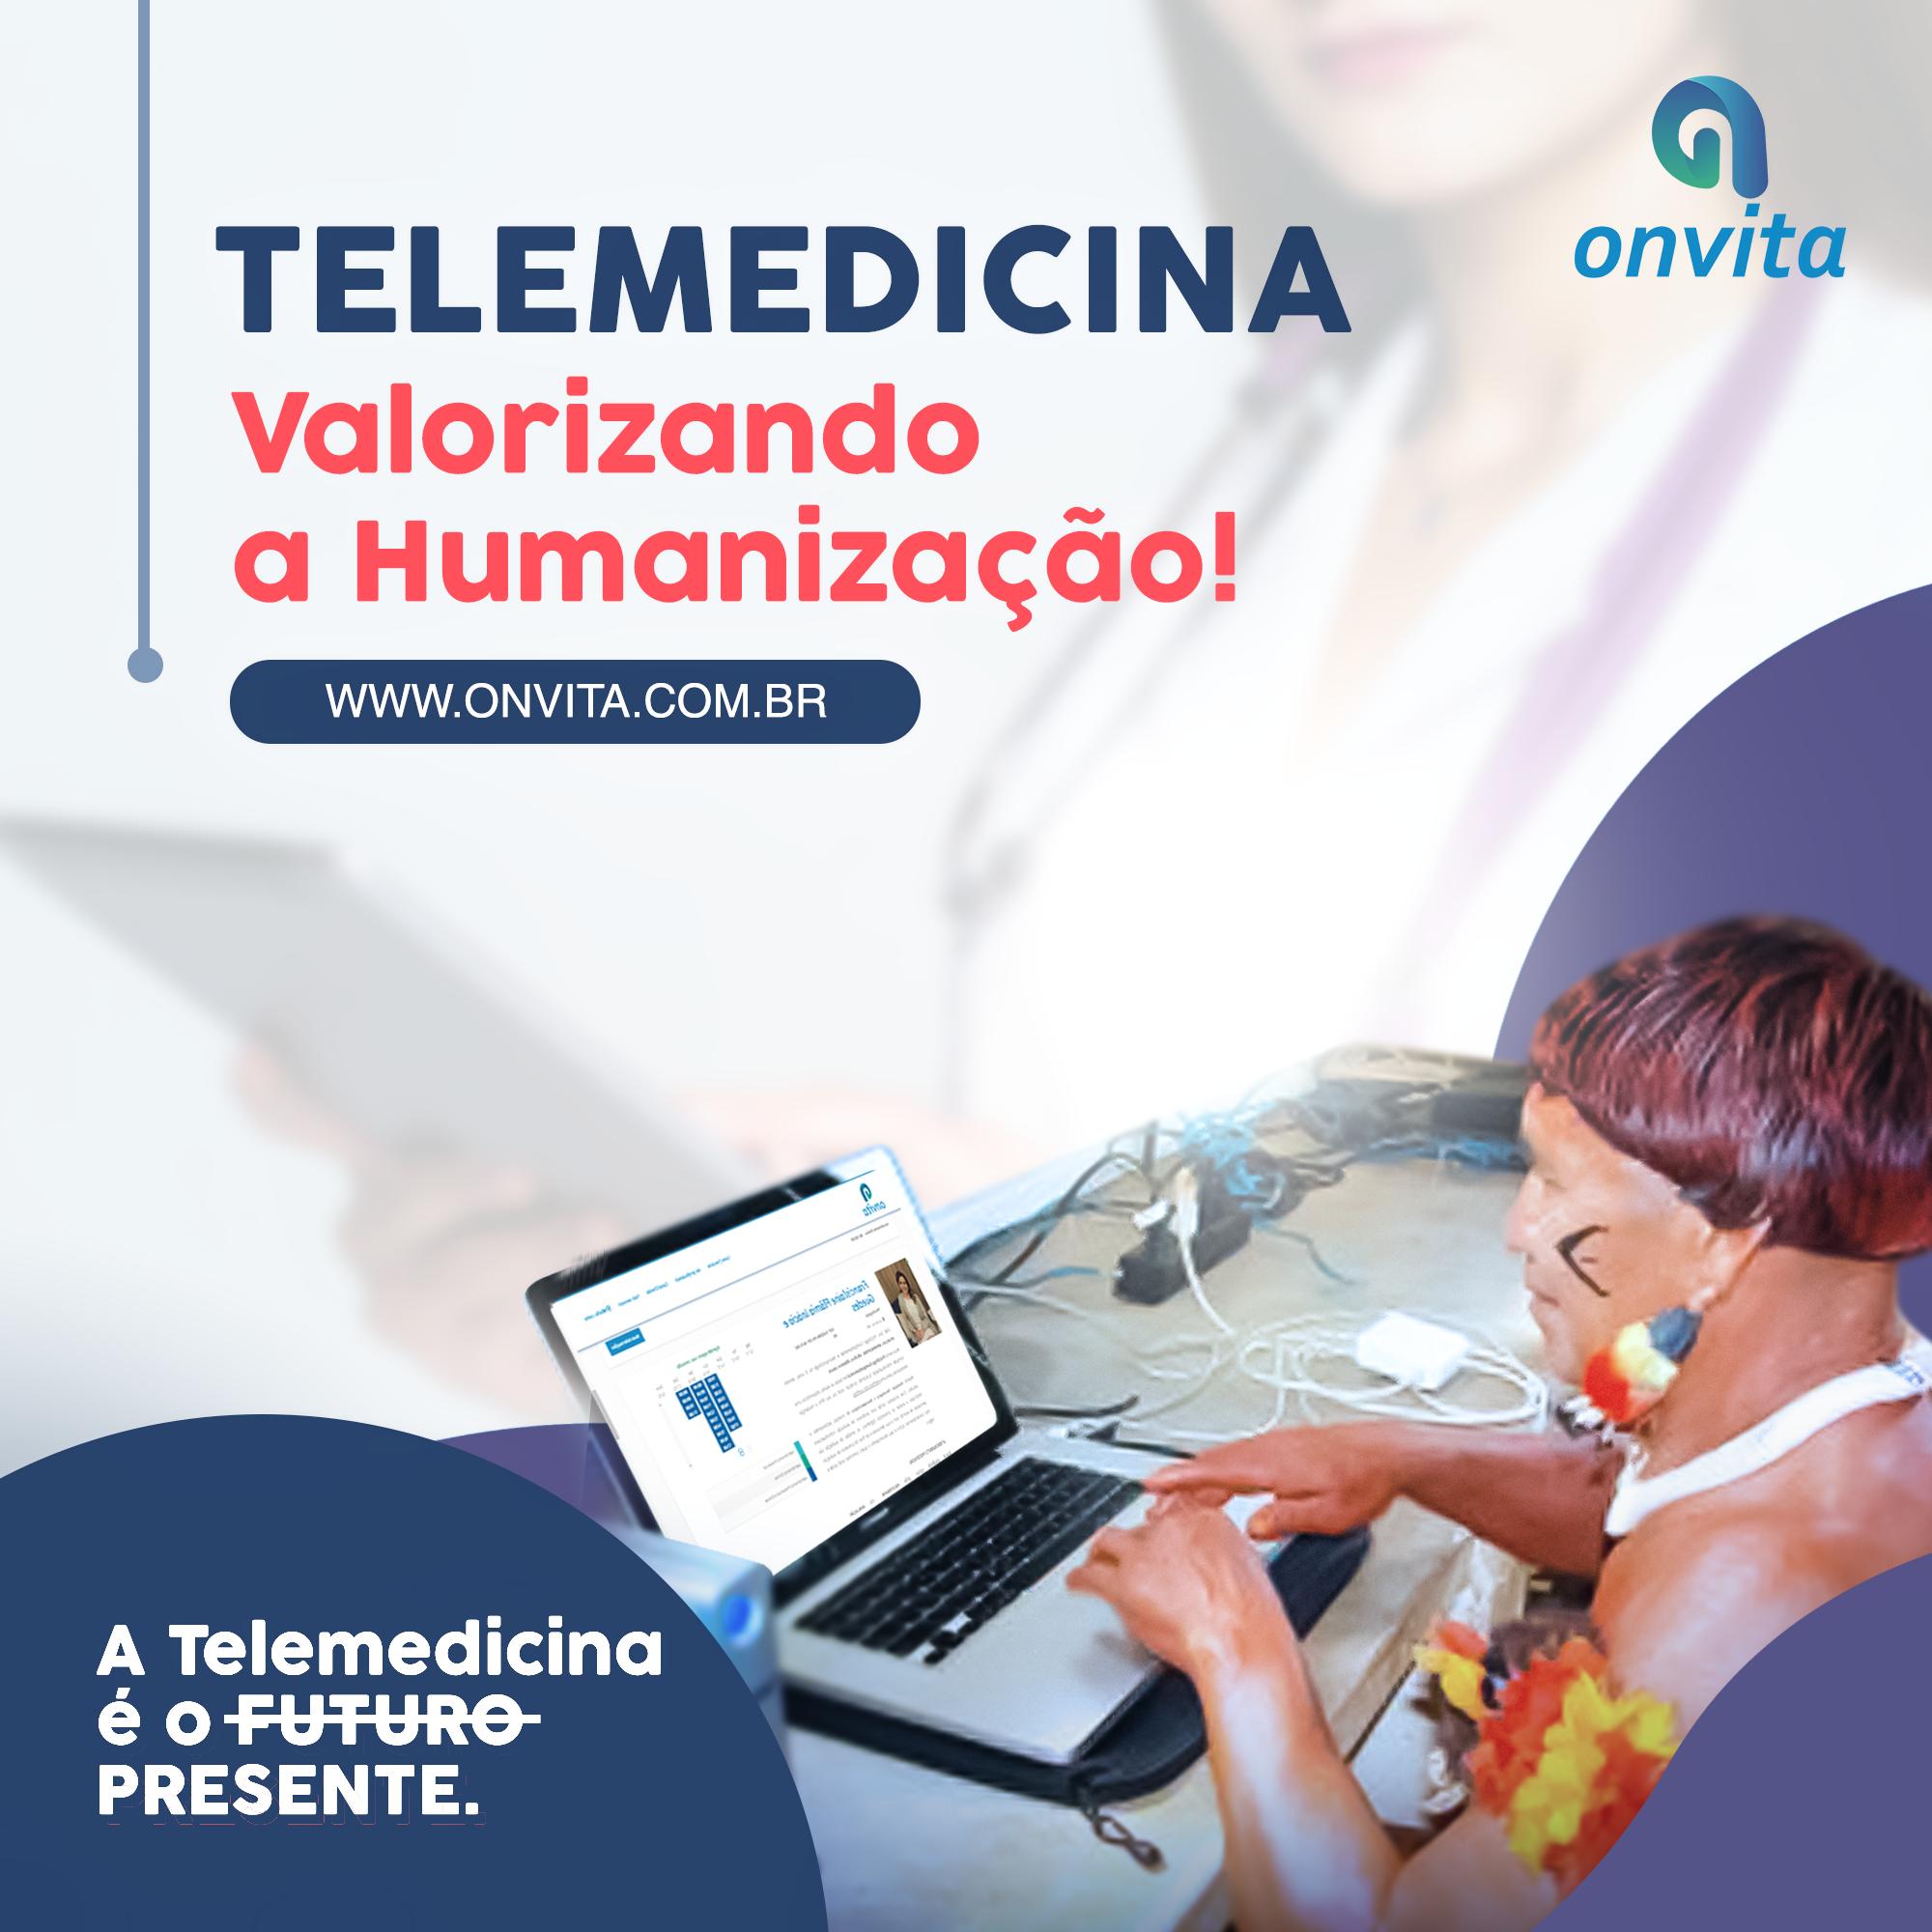 humaniza-o-02